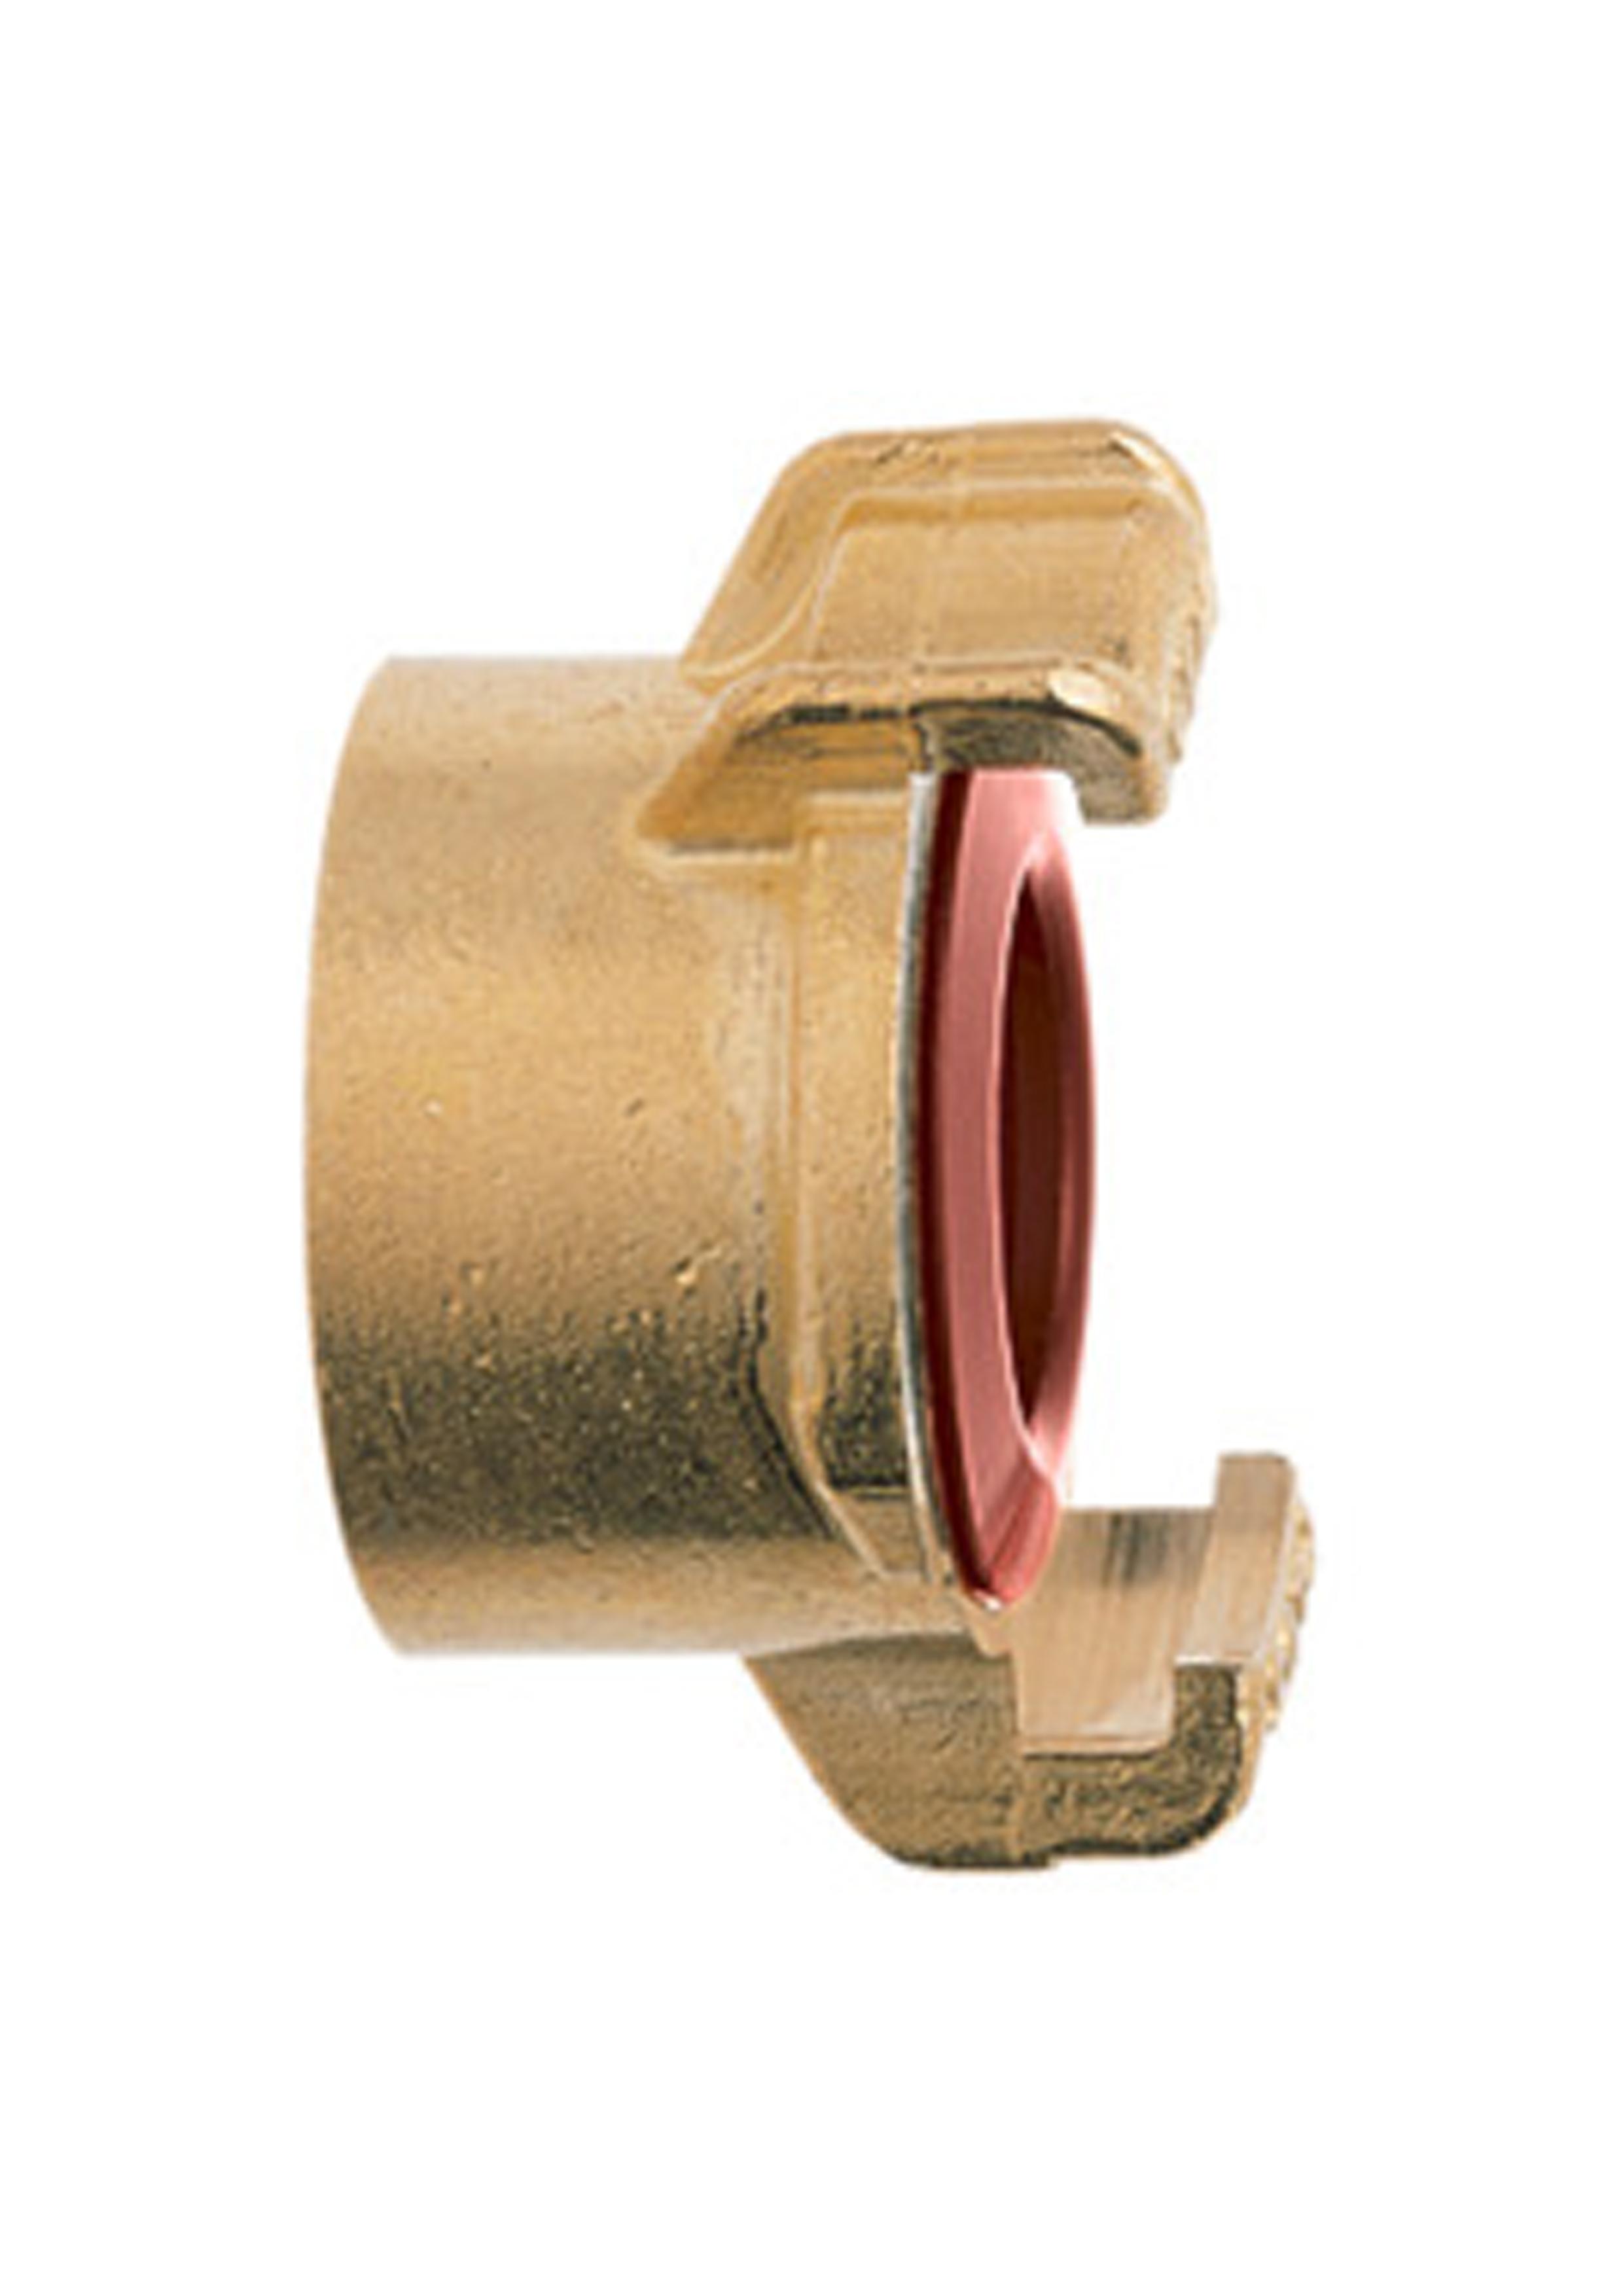 GEKA Plus-pezzo di tubo con acqua stop 1//2-13mm MS DVGW vp550